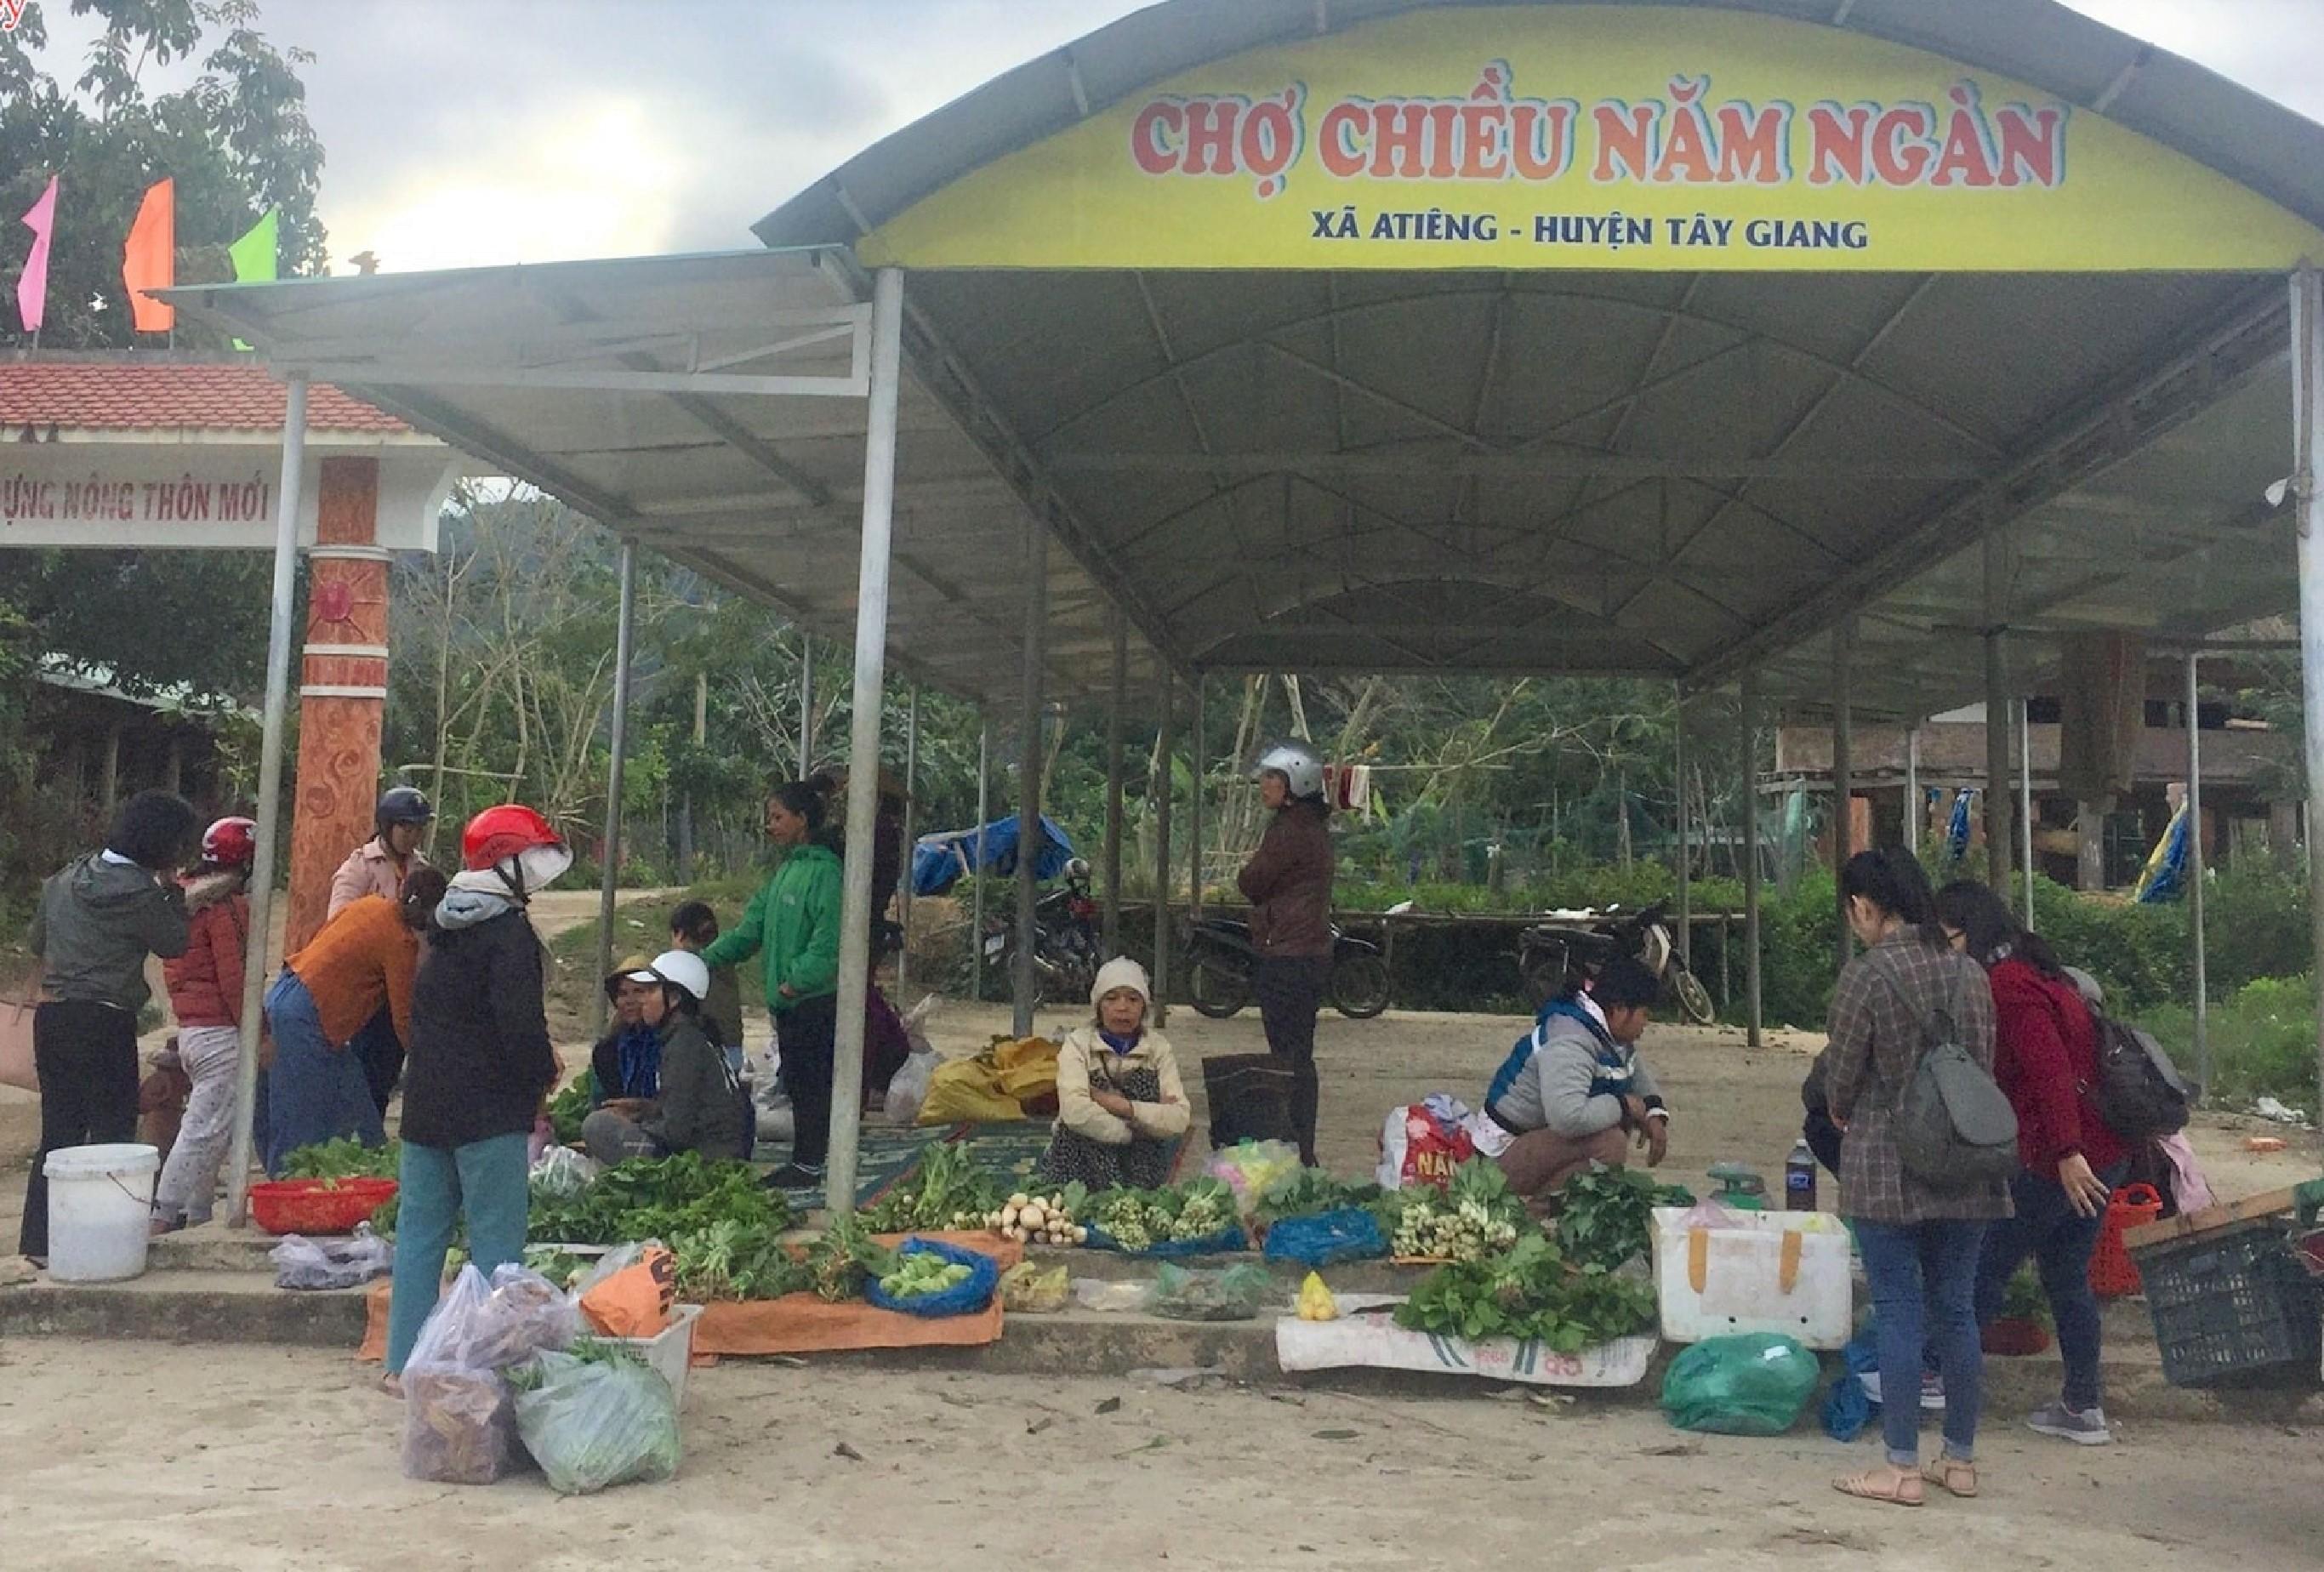 """""""Chợ chiều năm ngàn"""" chỉ có ở huyện Tây Giang, Quảng Nam."""